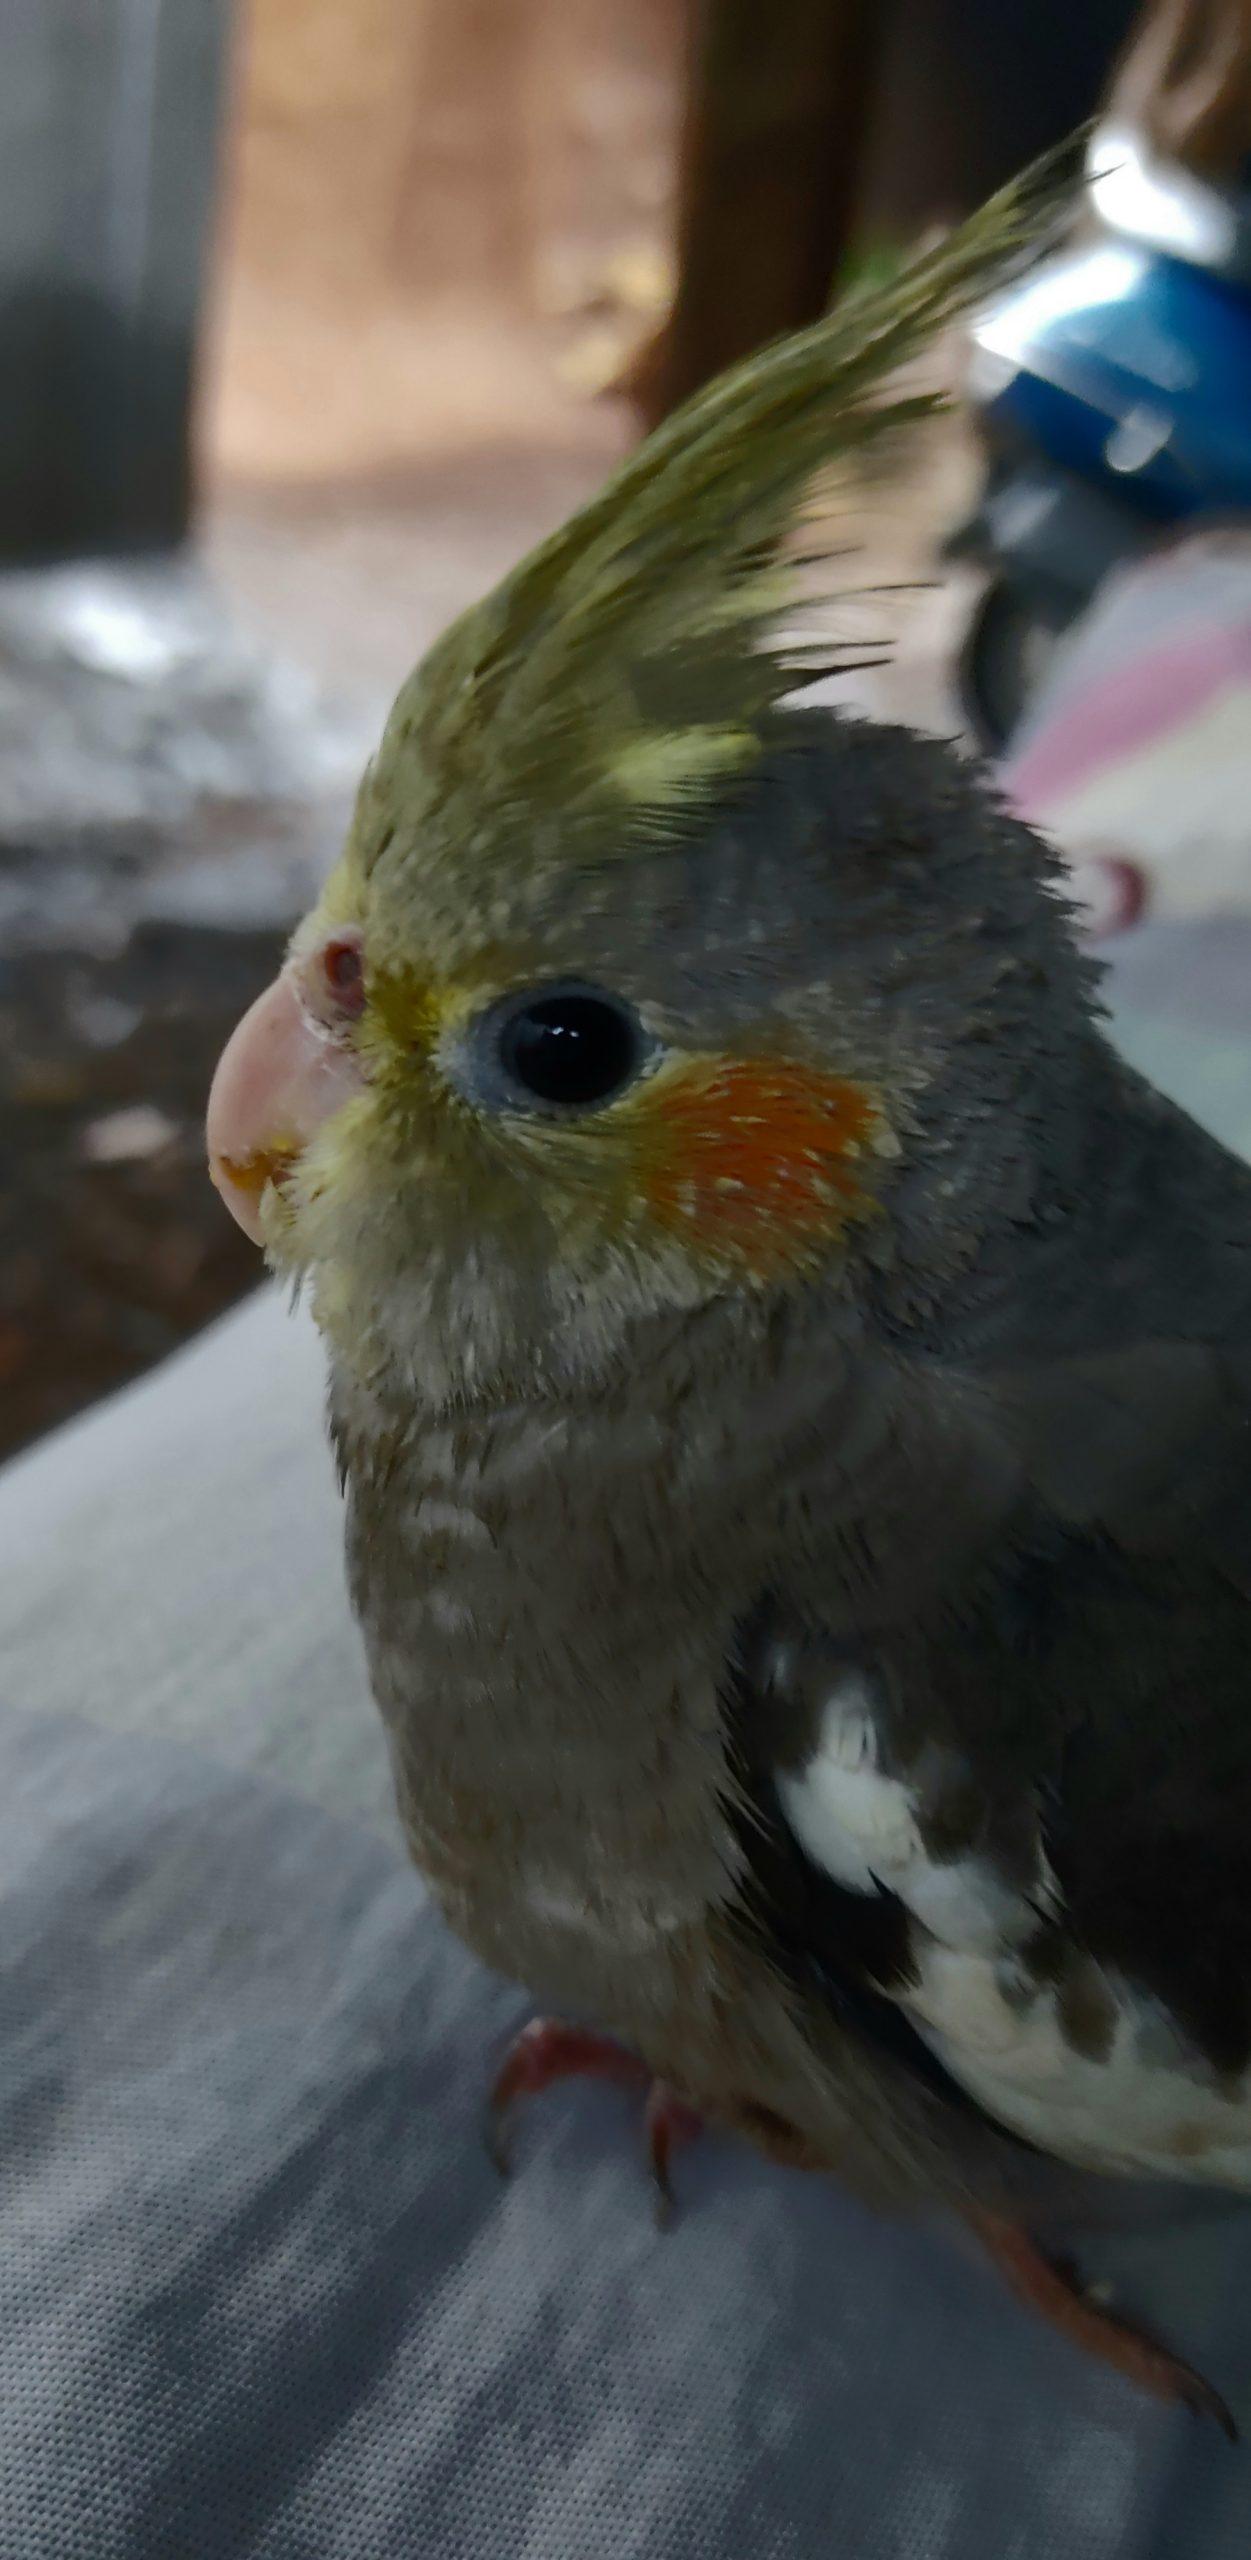 A Cockatiel bird